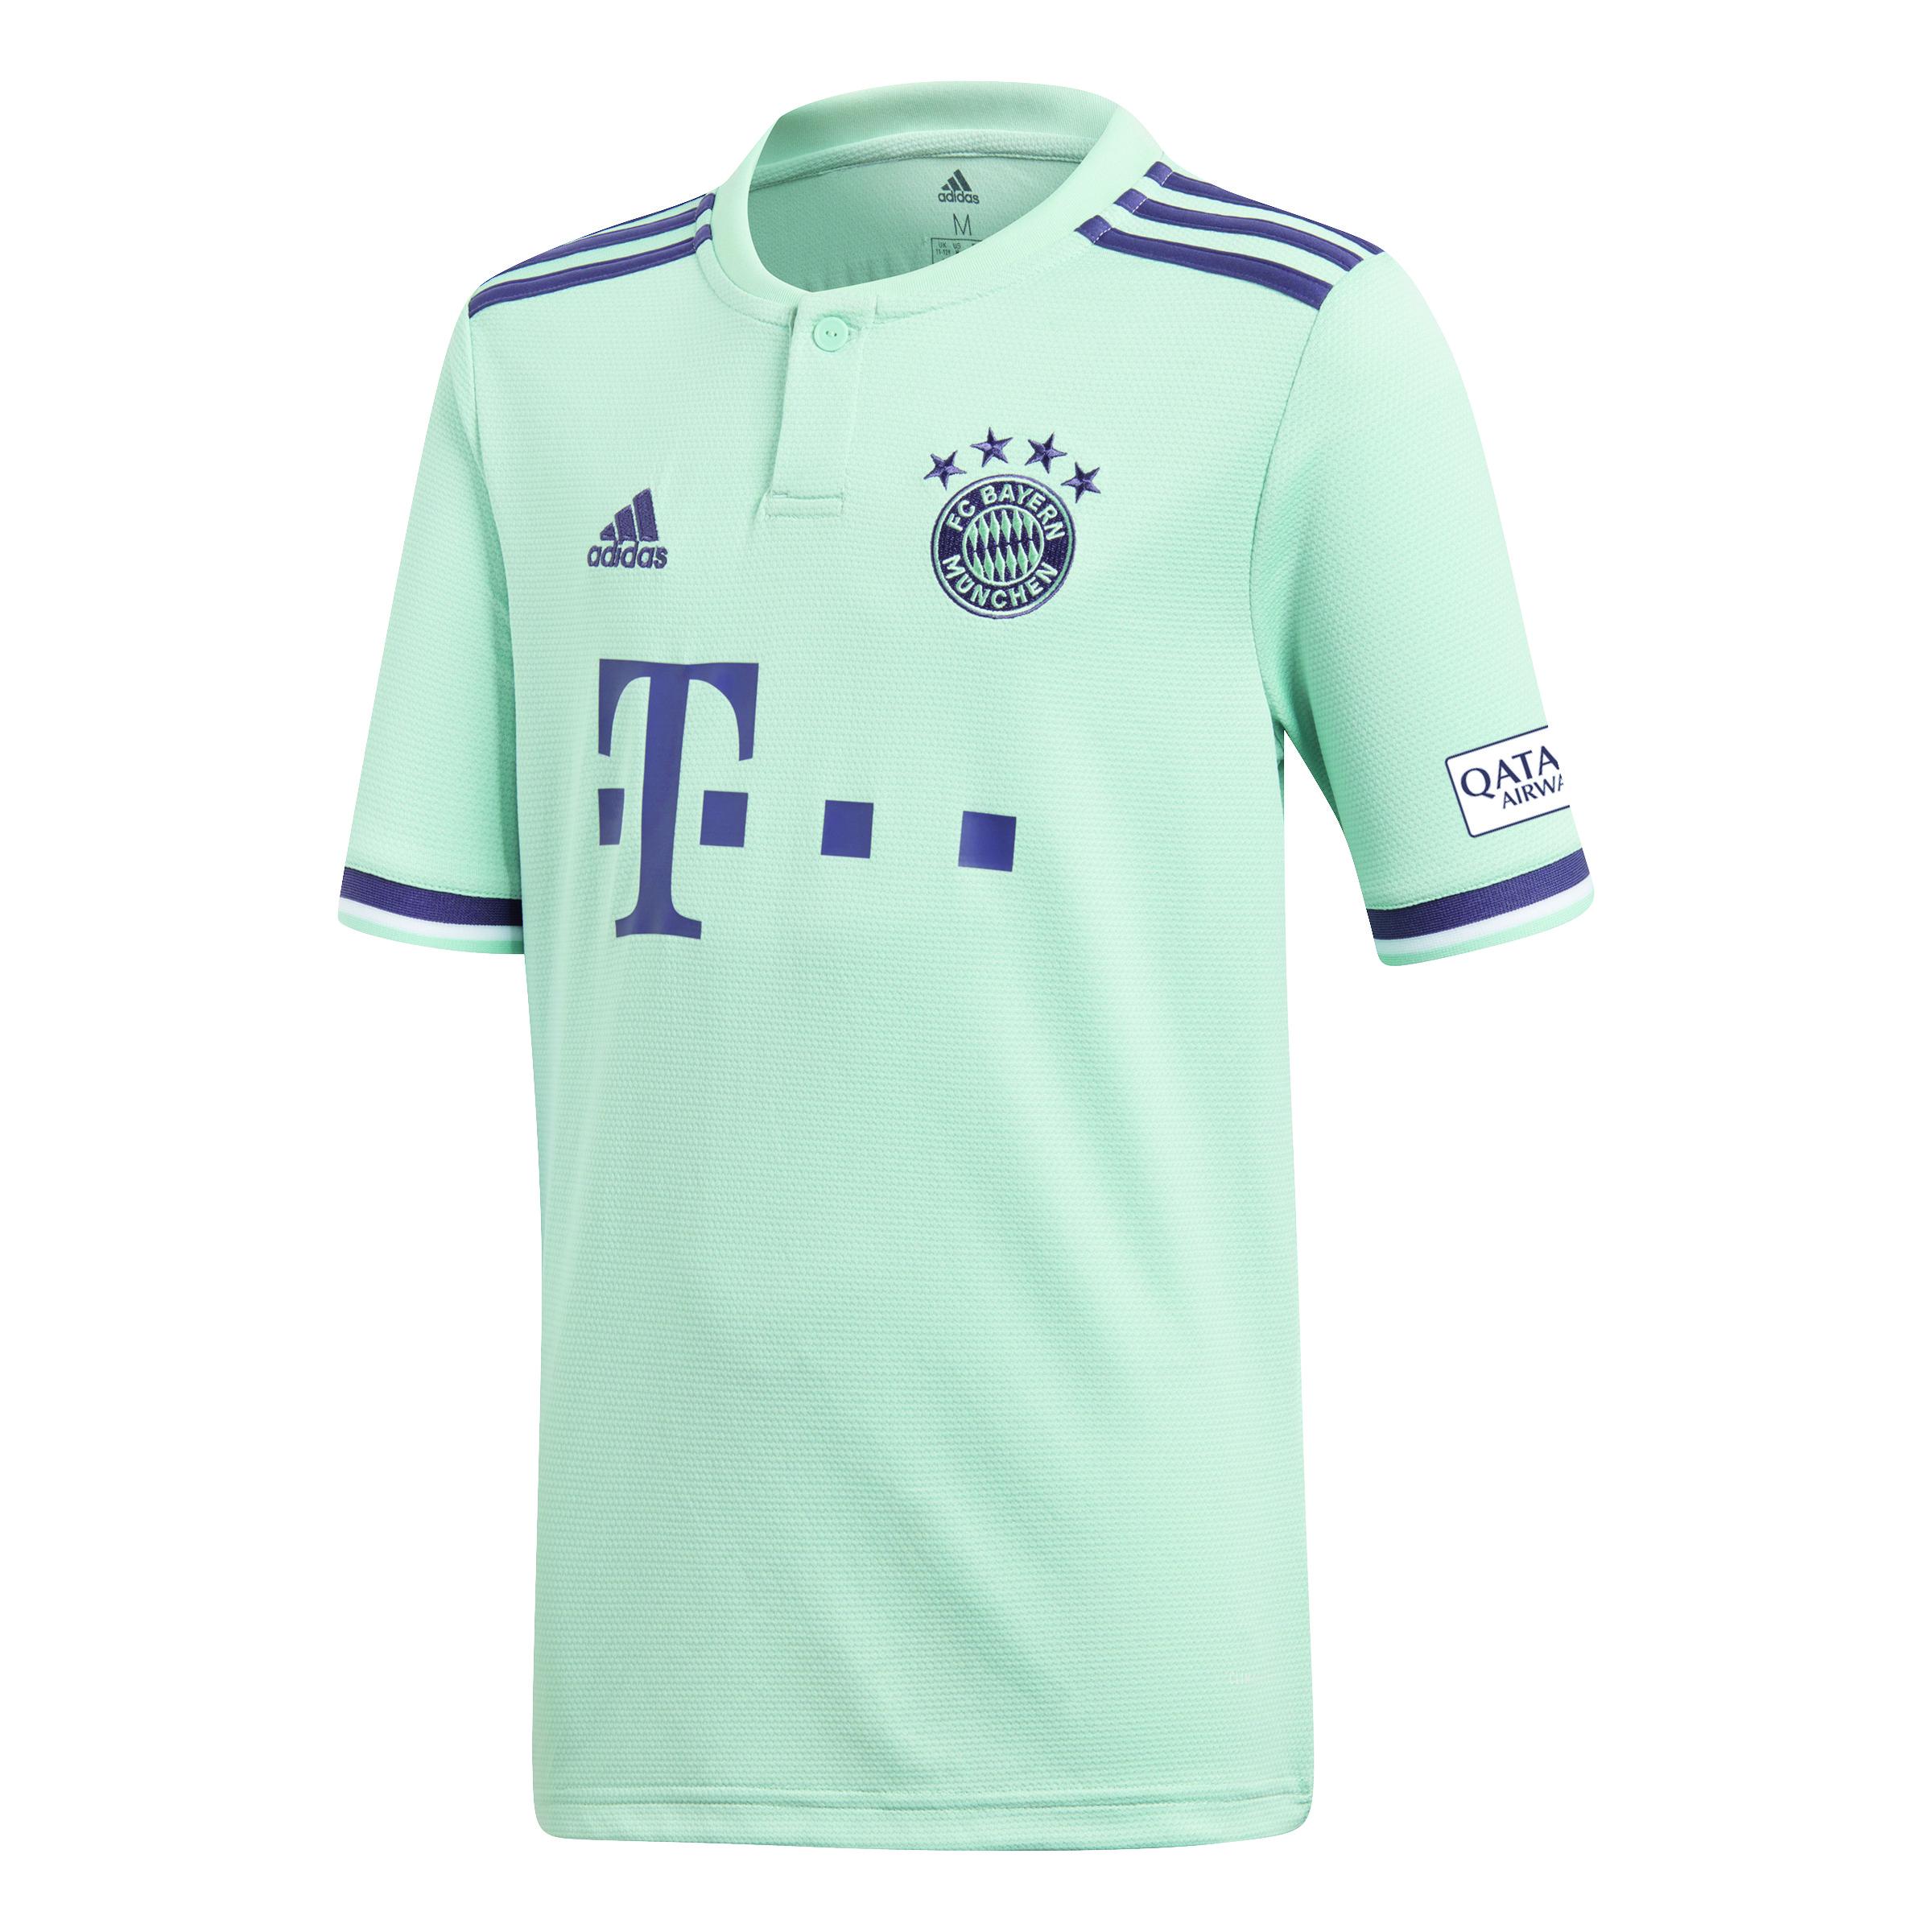 online store 5a873 31eec FC Bayern Munich Children Away Jersey 2018-19